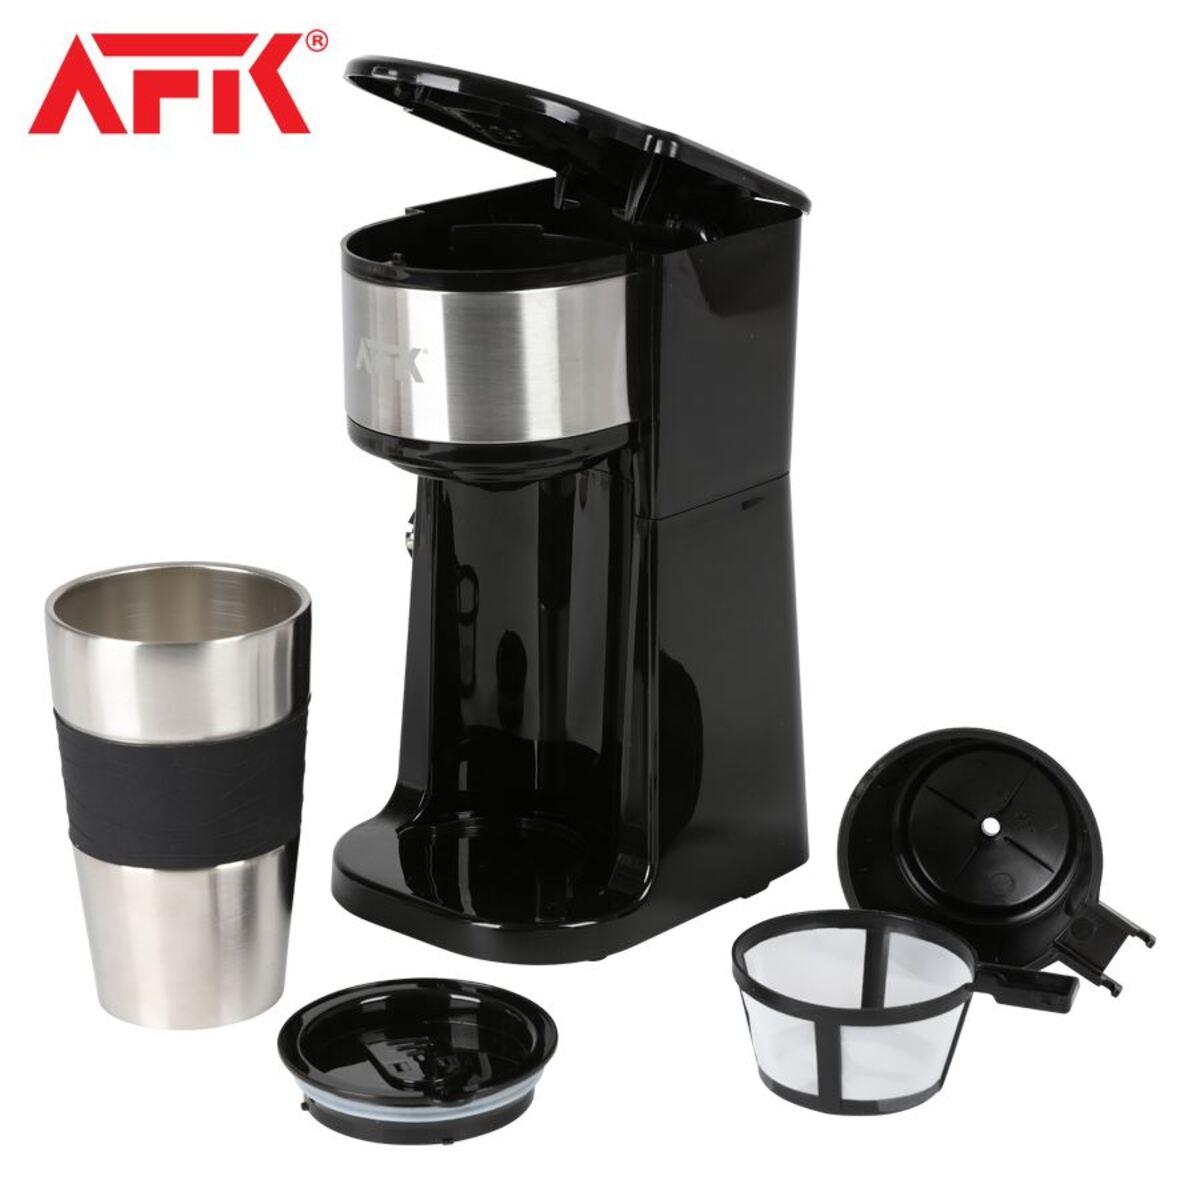 Bild 2 von AFK Kaffeemaschine TKME-700.4 mit Reisebecher Schwarz